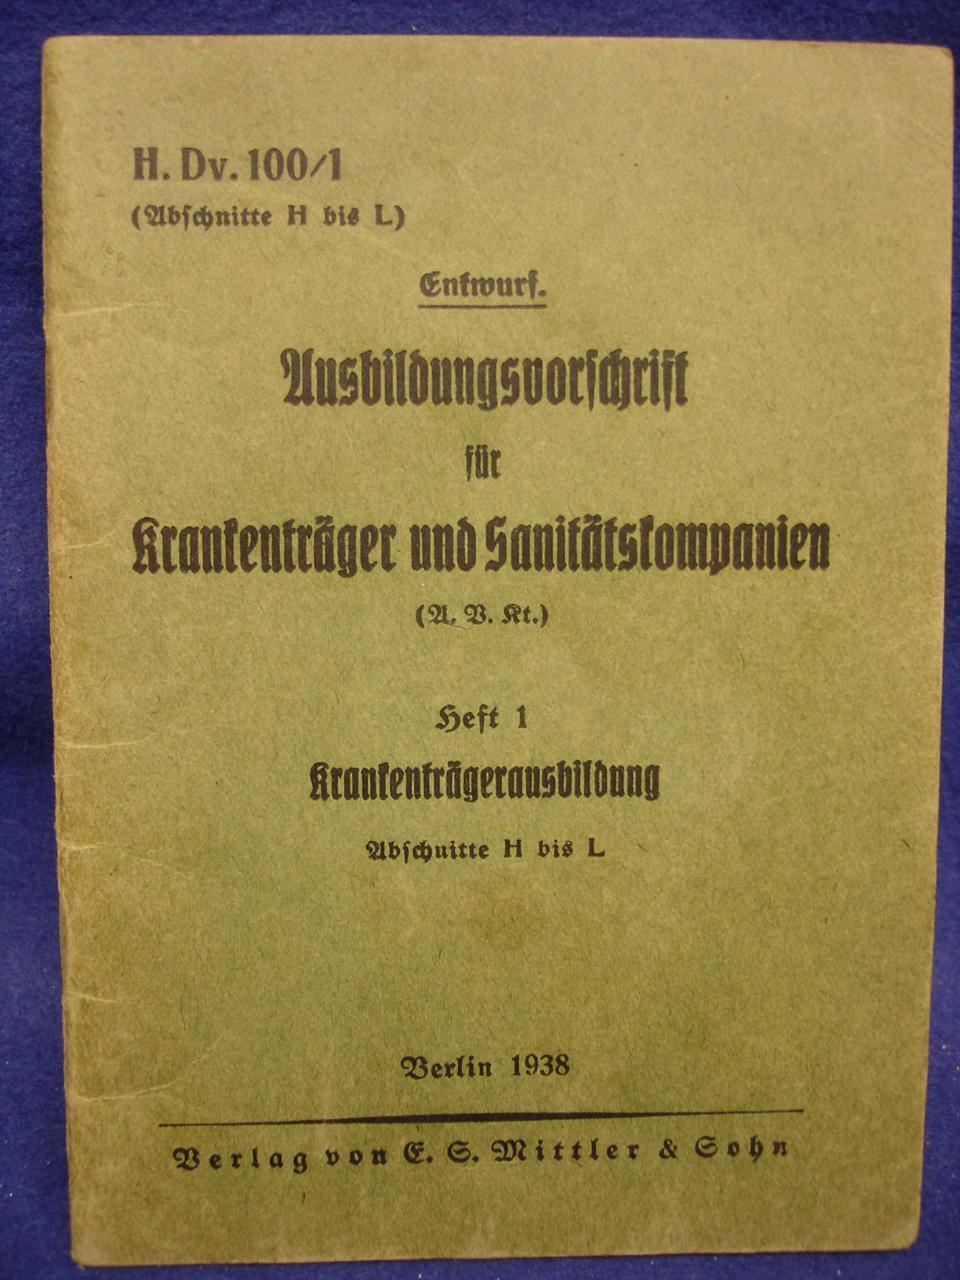 Ausbildungsvorschrift für Krankenträger und Sanitätskompanie. Heft 1 Krankenträgerausbildung. Abschnitt H-L. 1938.